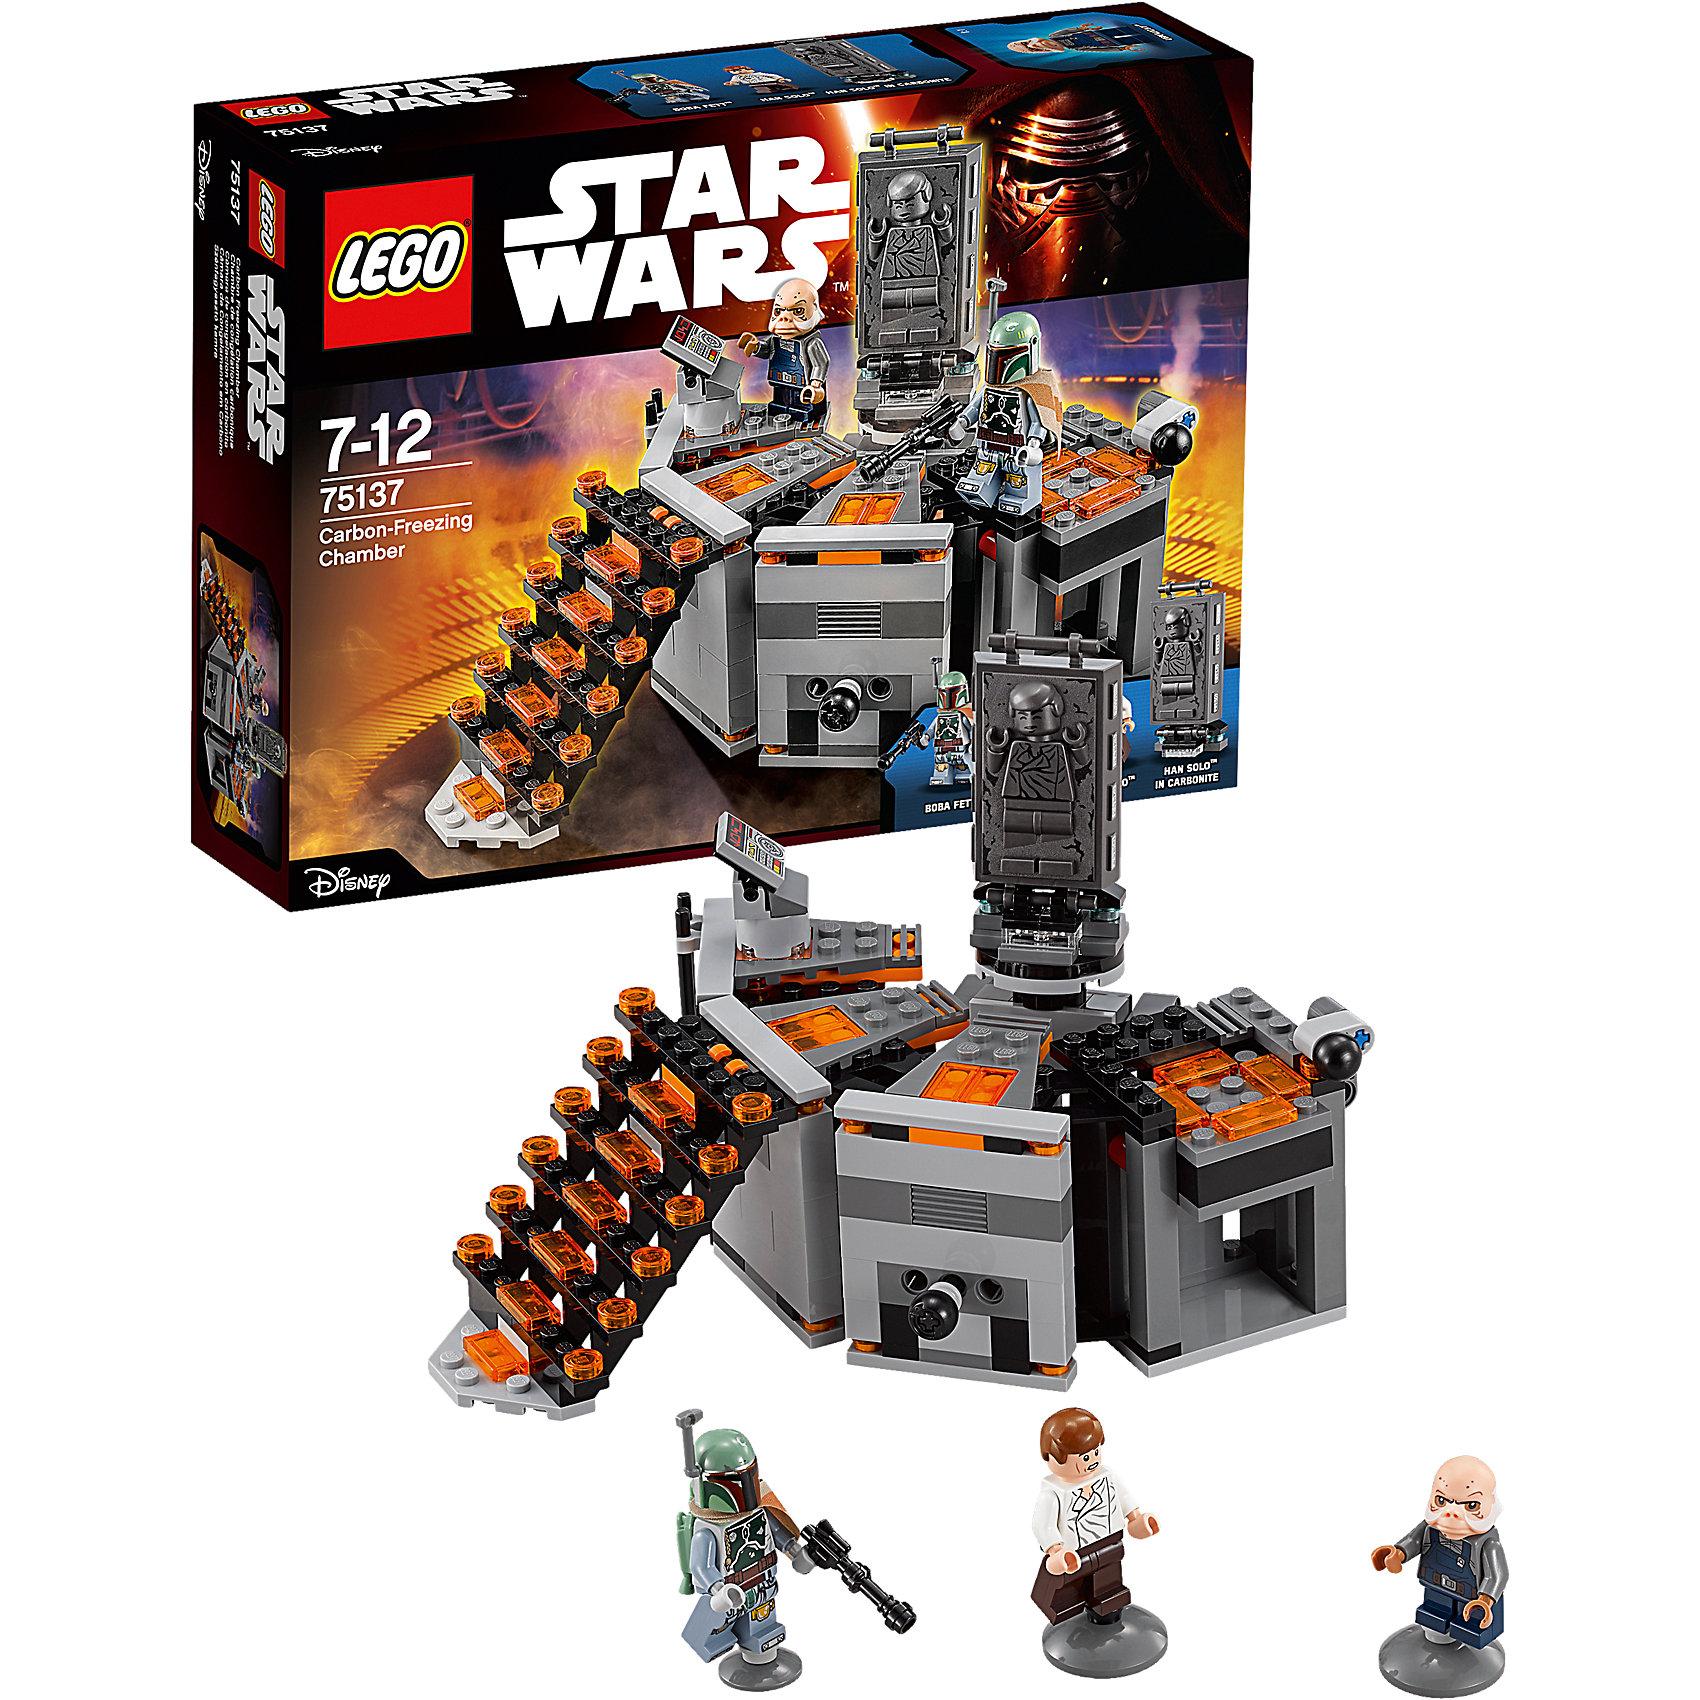 LEGO Star Wars 75137: Камера карбонитной заморозкиИгрушки<br>LEGO Star Wars (ЛЕГО Звездные войны) 75137: Камера карбонитной заморозки станет прекрасным подарком для всех поклонников знаменитой киносаги. Хан Соло попался в руки охотника за головами Бобы Фетта, который давно разыскивал его по приказу Джаббы. Его доставили в камеру карбонитной заморозки и собираются заморозить в блок твердого карбонита! Помоги ему победить Бобу Фетта и бежать. Модель ЛЕГО очень похожа на свой прототип из пятого эпизода Звездных войн. Камера состоит из нескольких частей, которые можно сдвигать и раздвигать. На верхней площадке расположена панель управления, а посередине находится подвижный карбонитный блок с замороженным Ханом Соло. В комплект также входят 3 минифигурки: Боба Фетт, Хан Соло и угнот. <br> <br>Все конструкторы серии ЛЕГО Звездные войны созданы по мотивам знаменитой киносаги Звездные войны и воспроизводят самые популярные сюжеты и эпизоды фильма. В наборах представлены все основные средства вооружения и боевые единицы, задействованные в фильме.<br>Фантастические истребители, машины, роботы, оружие, фигурки персонажей выполнены очень реалистично, с высокой степенью детализации.<br><br>Дополнительная информация:<br><br>- Игра с конструктором LEGO (ЛЕГО) развивает мелкую моторику ребенка, фантазию и воображение, учит его усидчивости и внимательности.<br>- Количество деталей: 231.<br>- Количество минифигур: 3.<br>- Серия: LEGO Star Wars (ЛЕГО Звездные войны).<br>- Материал: пластик.<br>- Размер упаковки: 26 х 6 х 19 см.<br>- Вес: 0,35 кг.<br><br>Конструктор LEGO Star Wars (ЛЕГО Звездные войны) 75137: Камера карбонитной заморозки можно купить в нашем интернет-магазине.<br><br>Ширина мм: 264<br>Глубина мм: 190<br>Высота мм: 63<br>Вес г: 357<br>Возраст от месяцев: 84<br>Возраст до месяцев: 144<br>Пол: Мужской<br>Возраст: Детский<br>SKU: 4259066